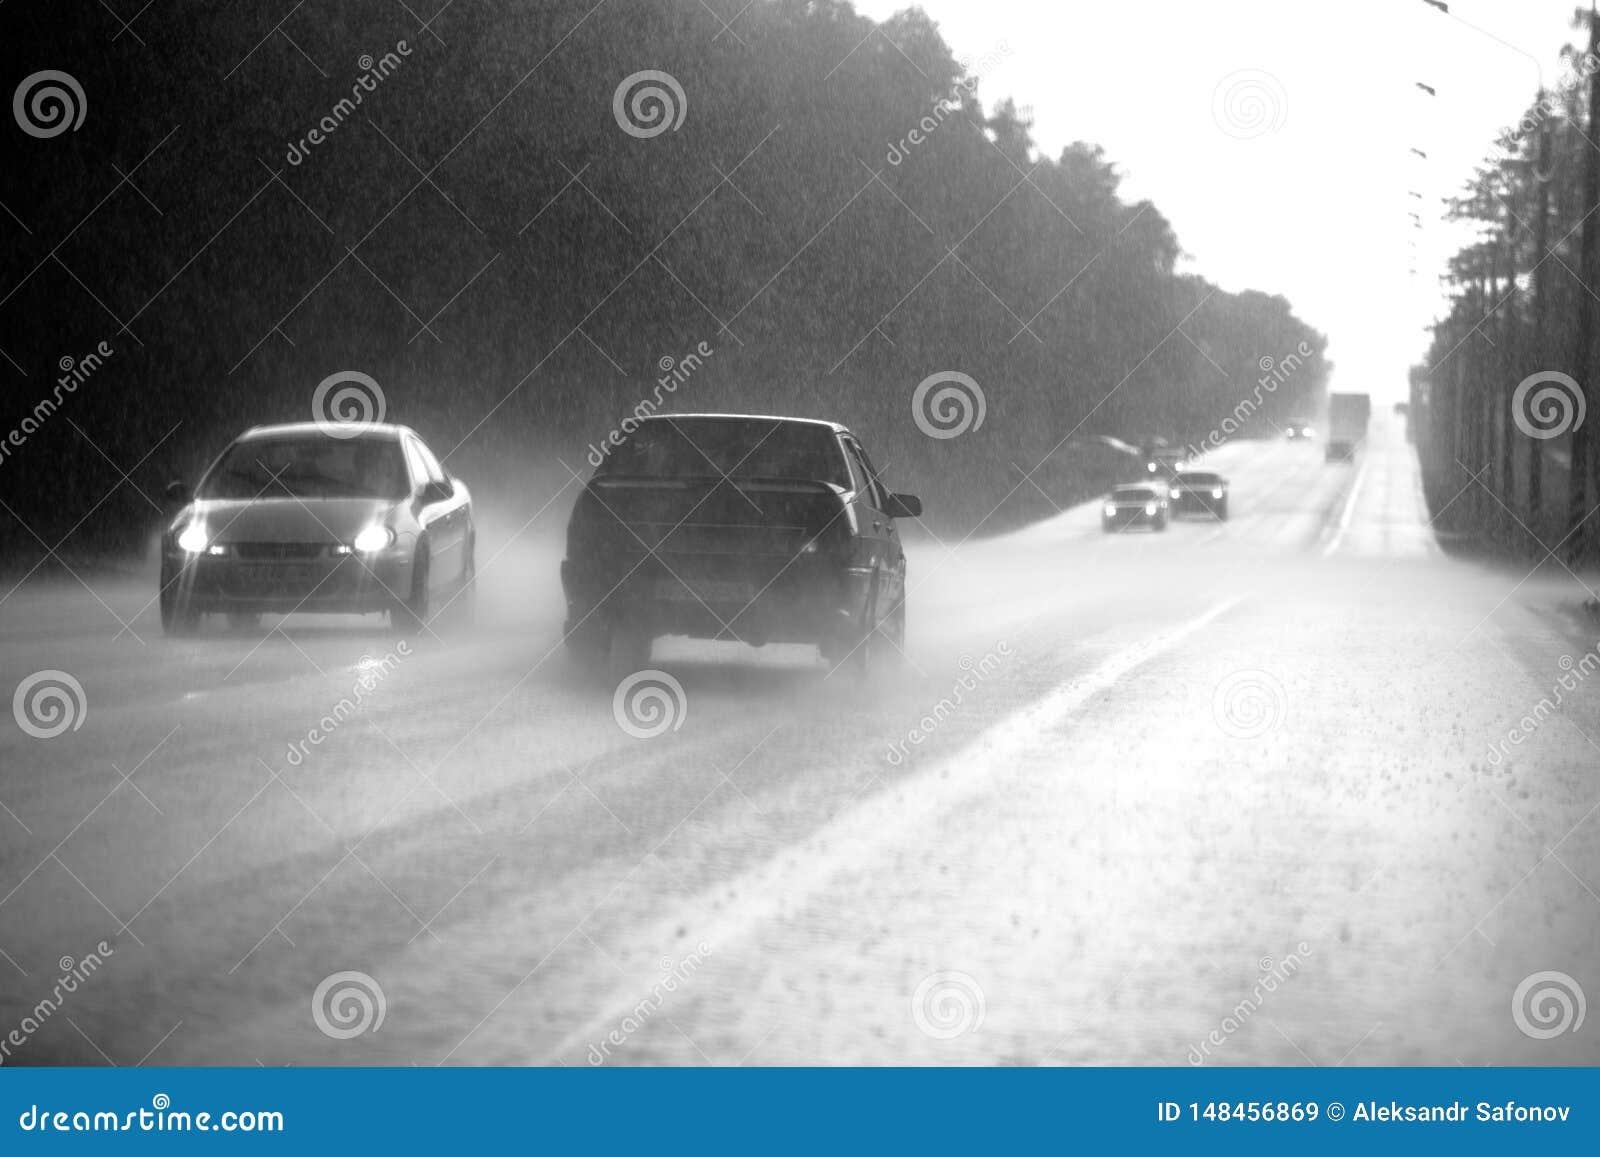 O carro vai na estrada em uma chuva torrencial